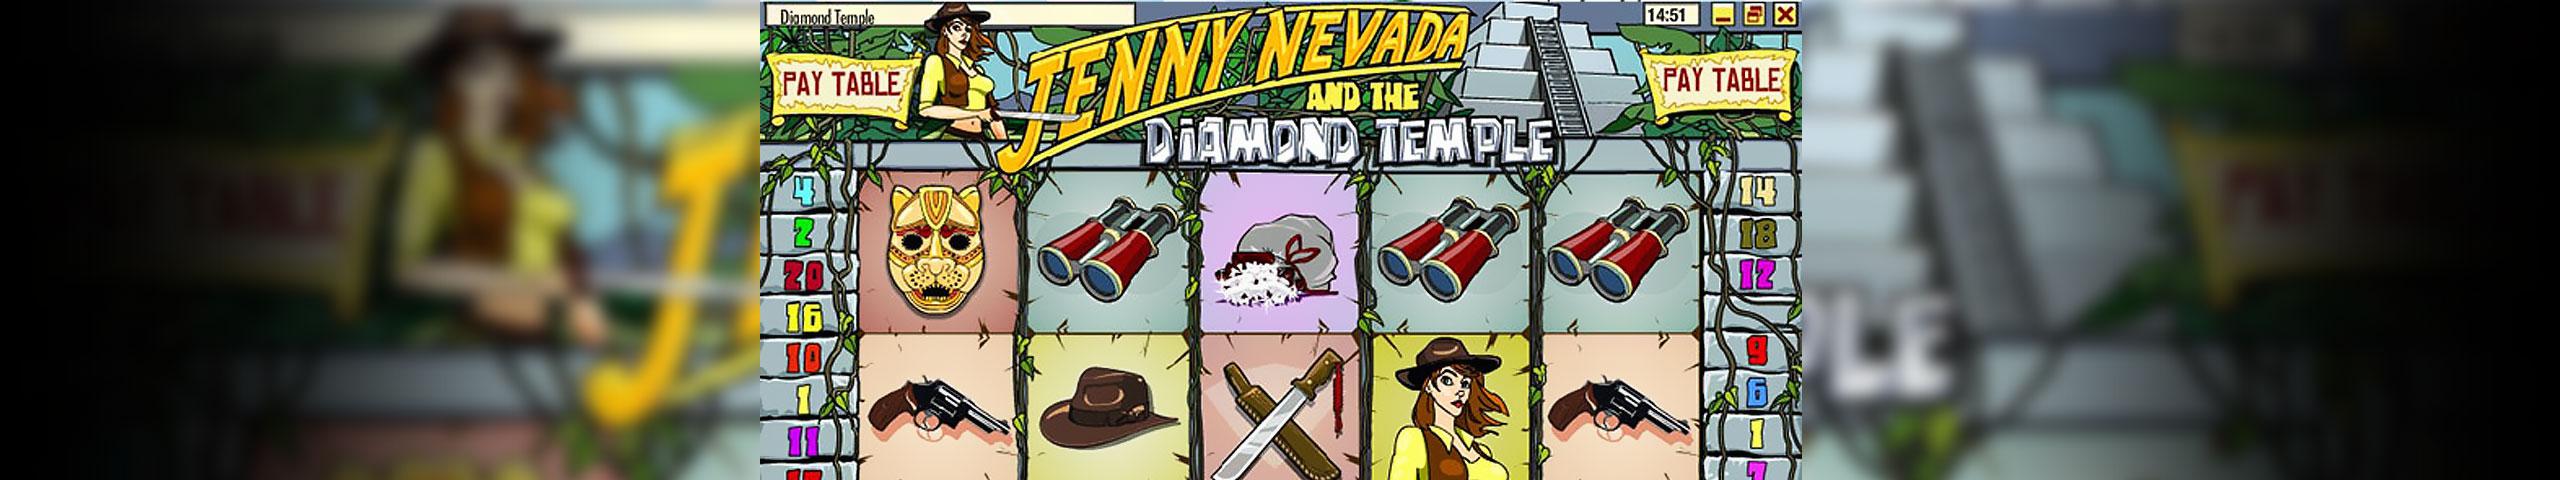 Spelautomater Jenny Nevada, Rival Gaming Slider - Wyrmspel.com